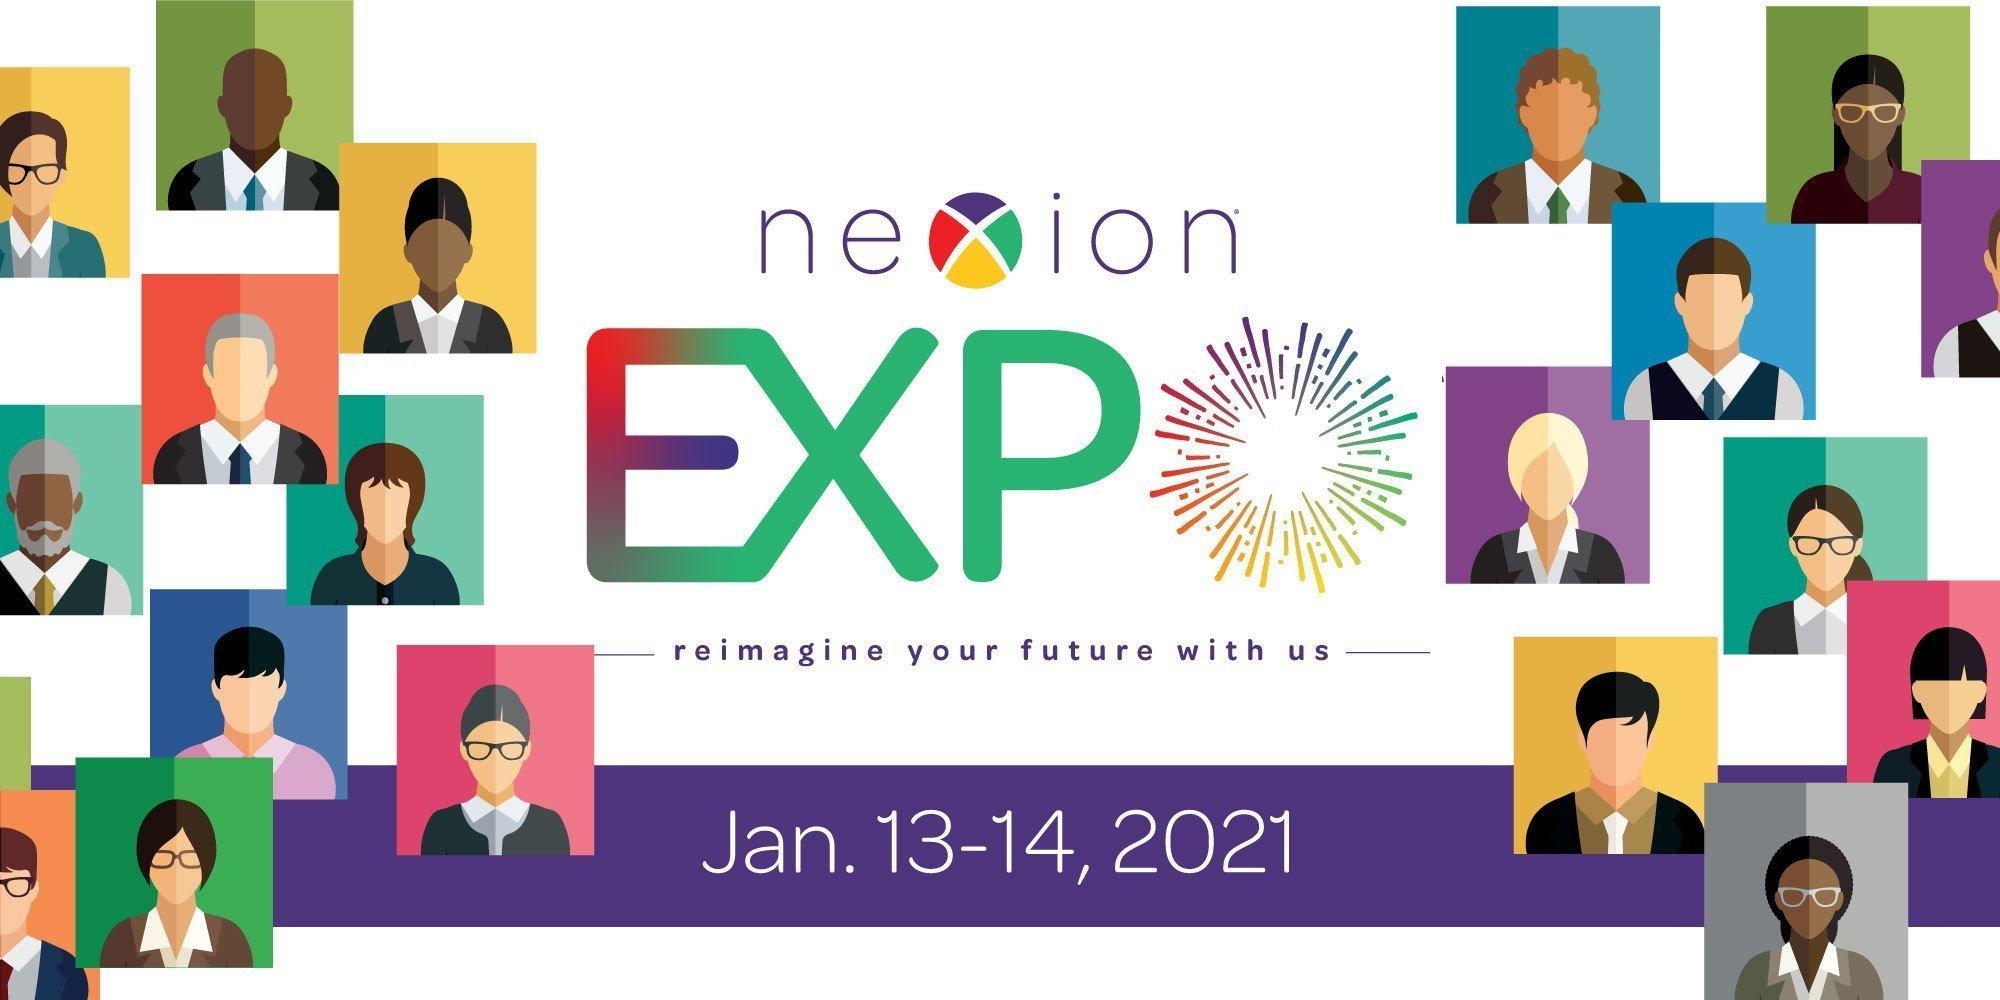 Nexion EXPO